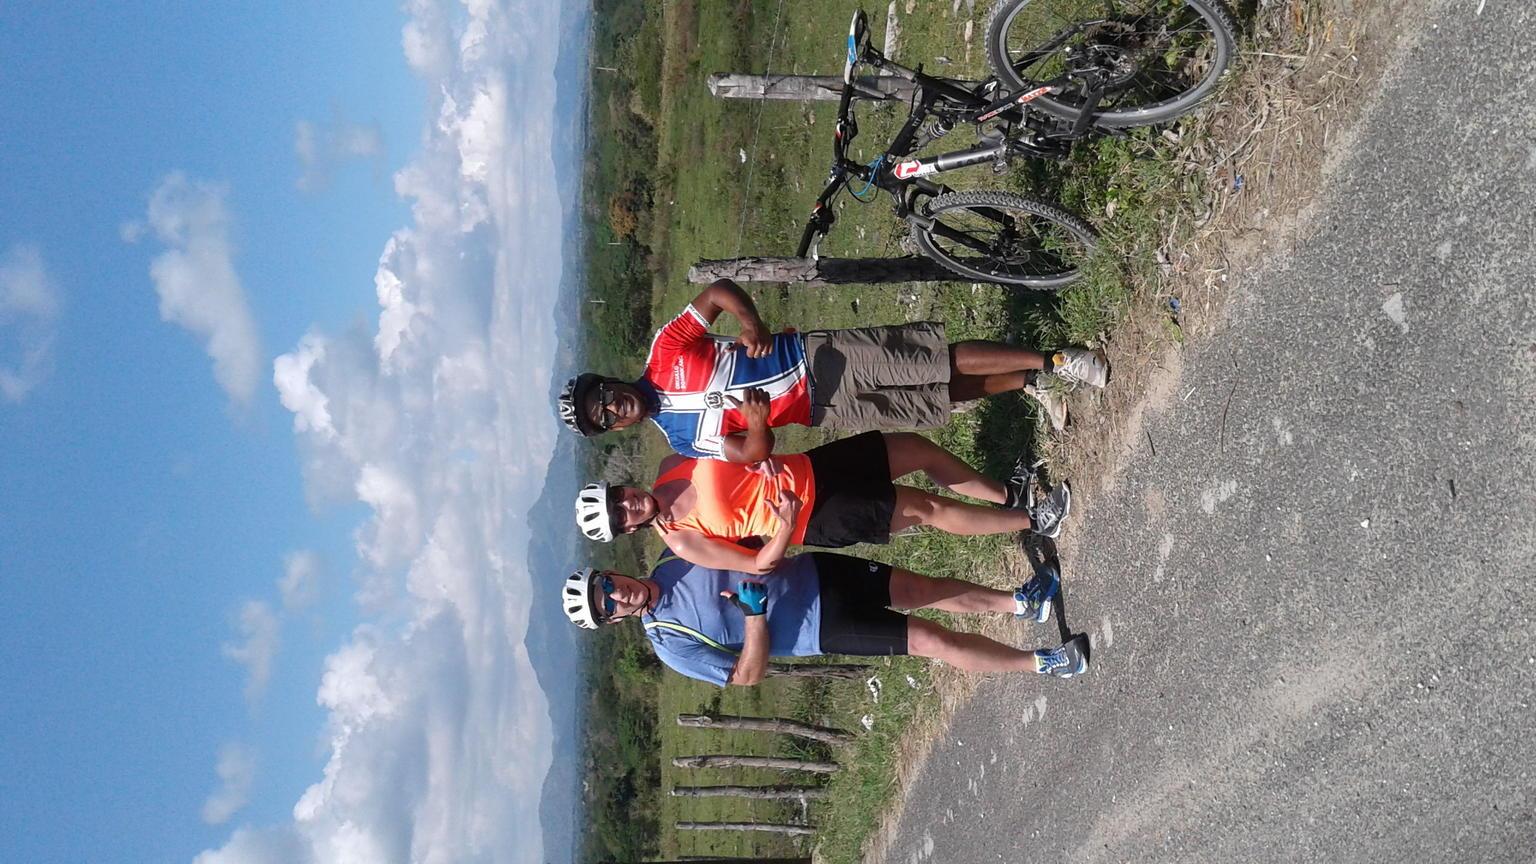 MÁS FOTOS, Aventura en bicicleta de montaña por Punta Cana